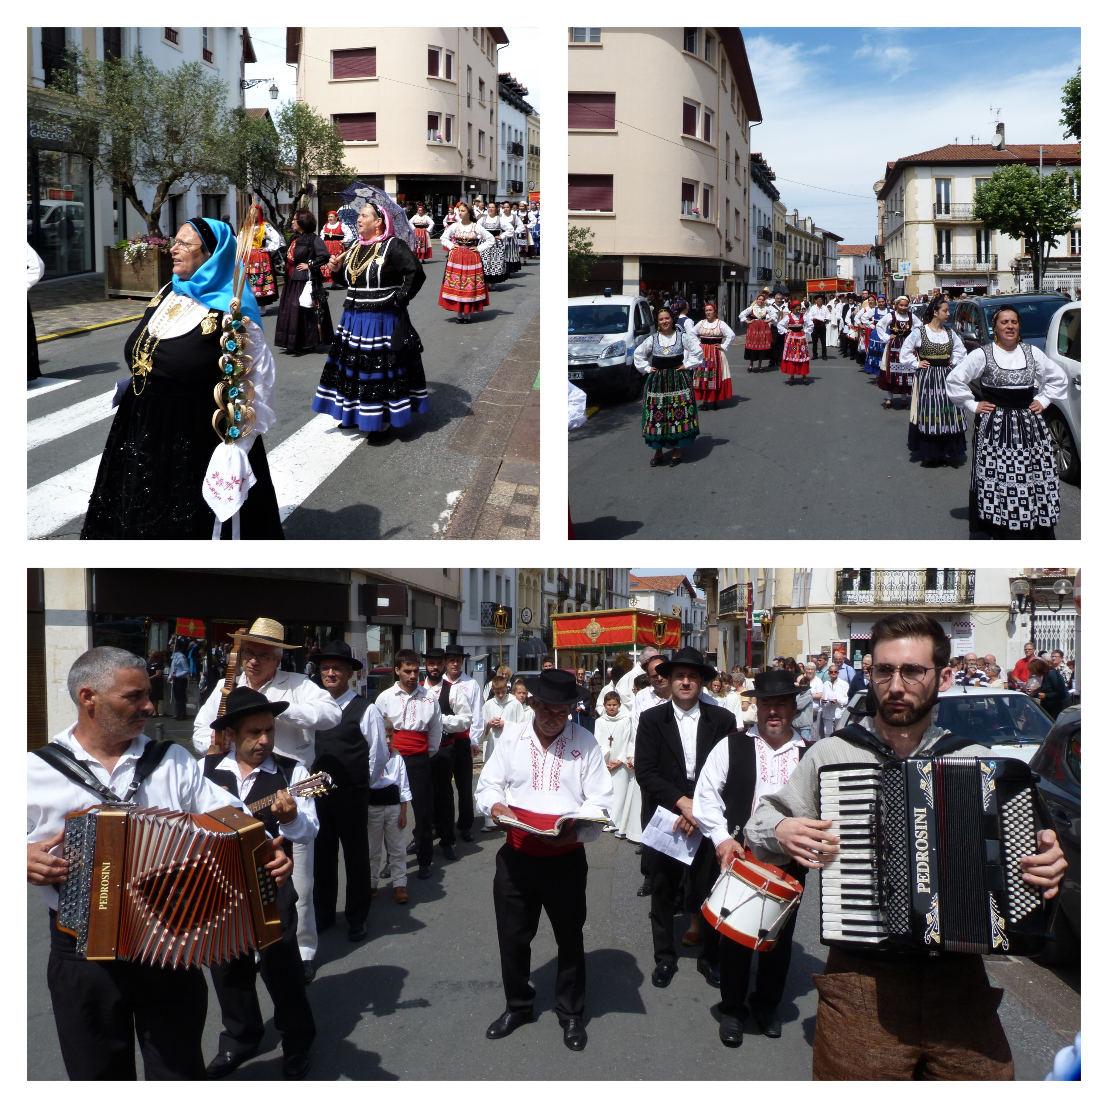 Musique et chants portugais intercalés avec les chants basques d'adoration